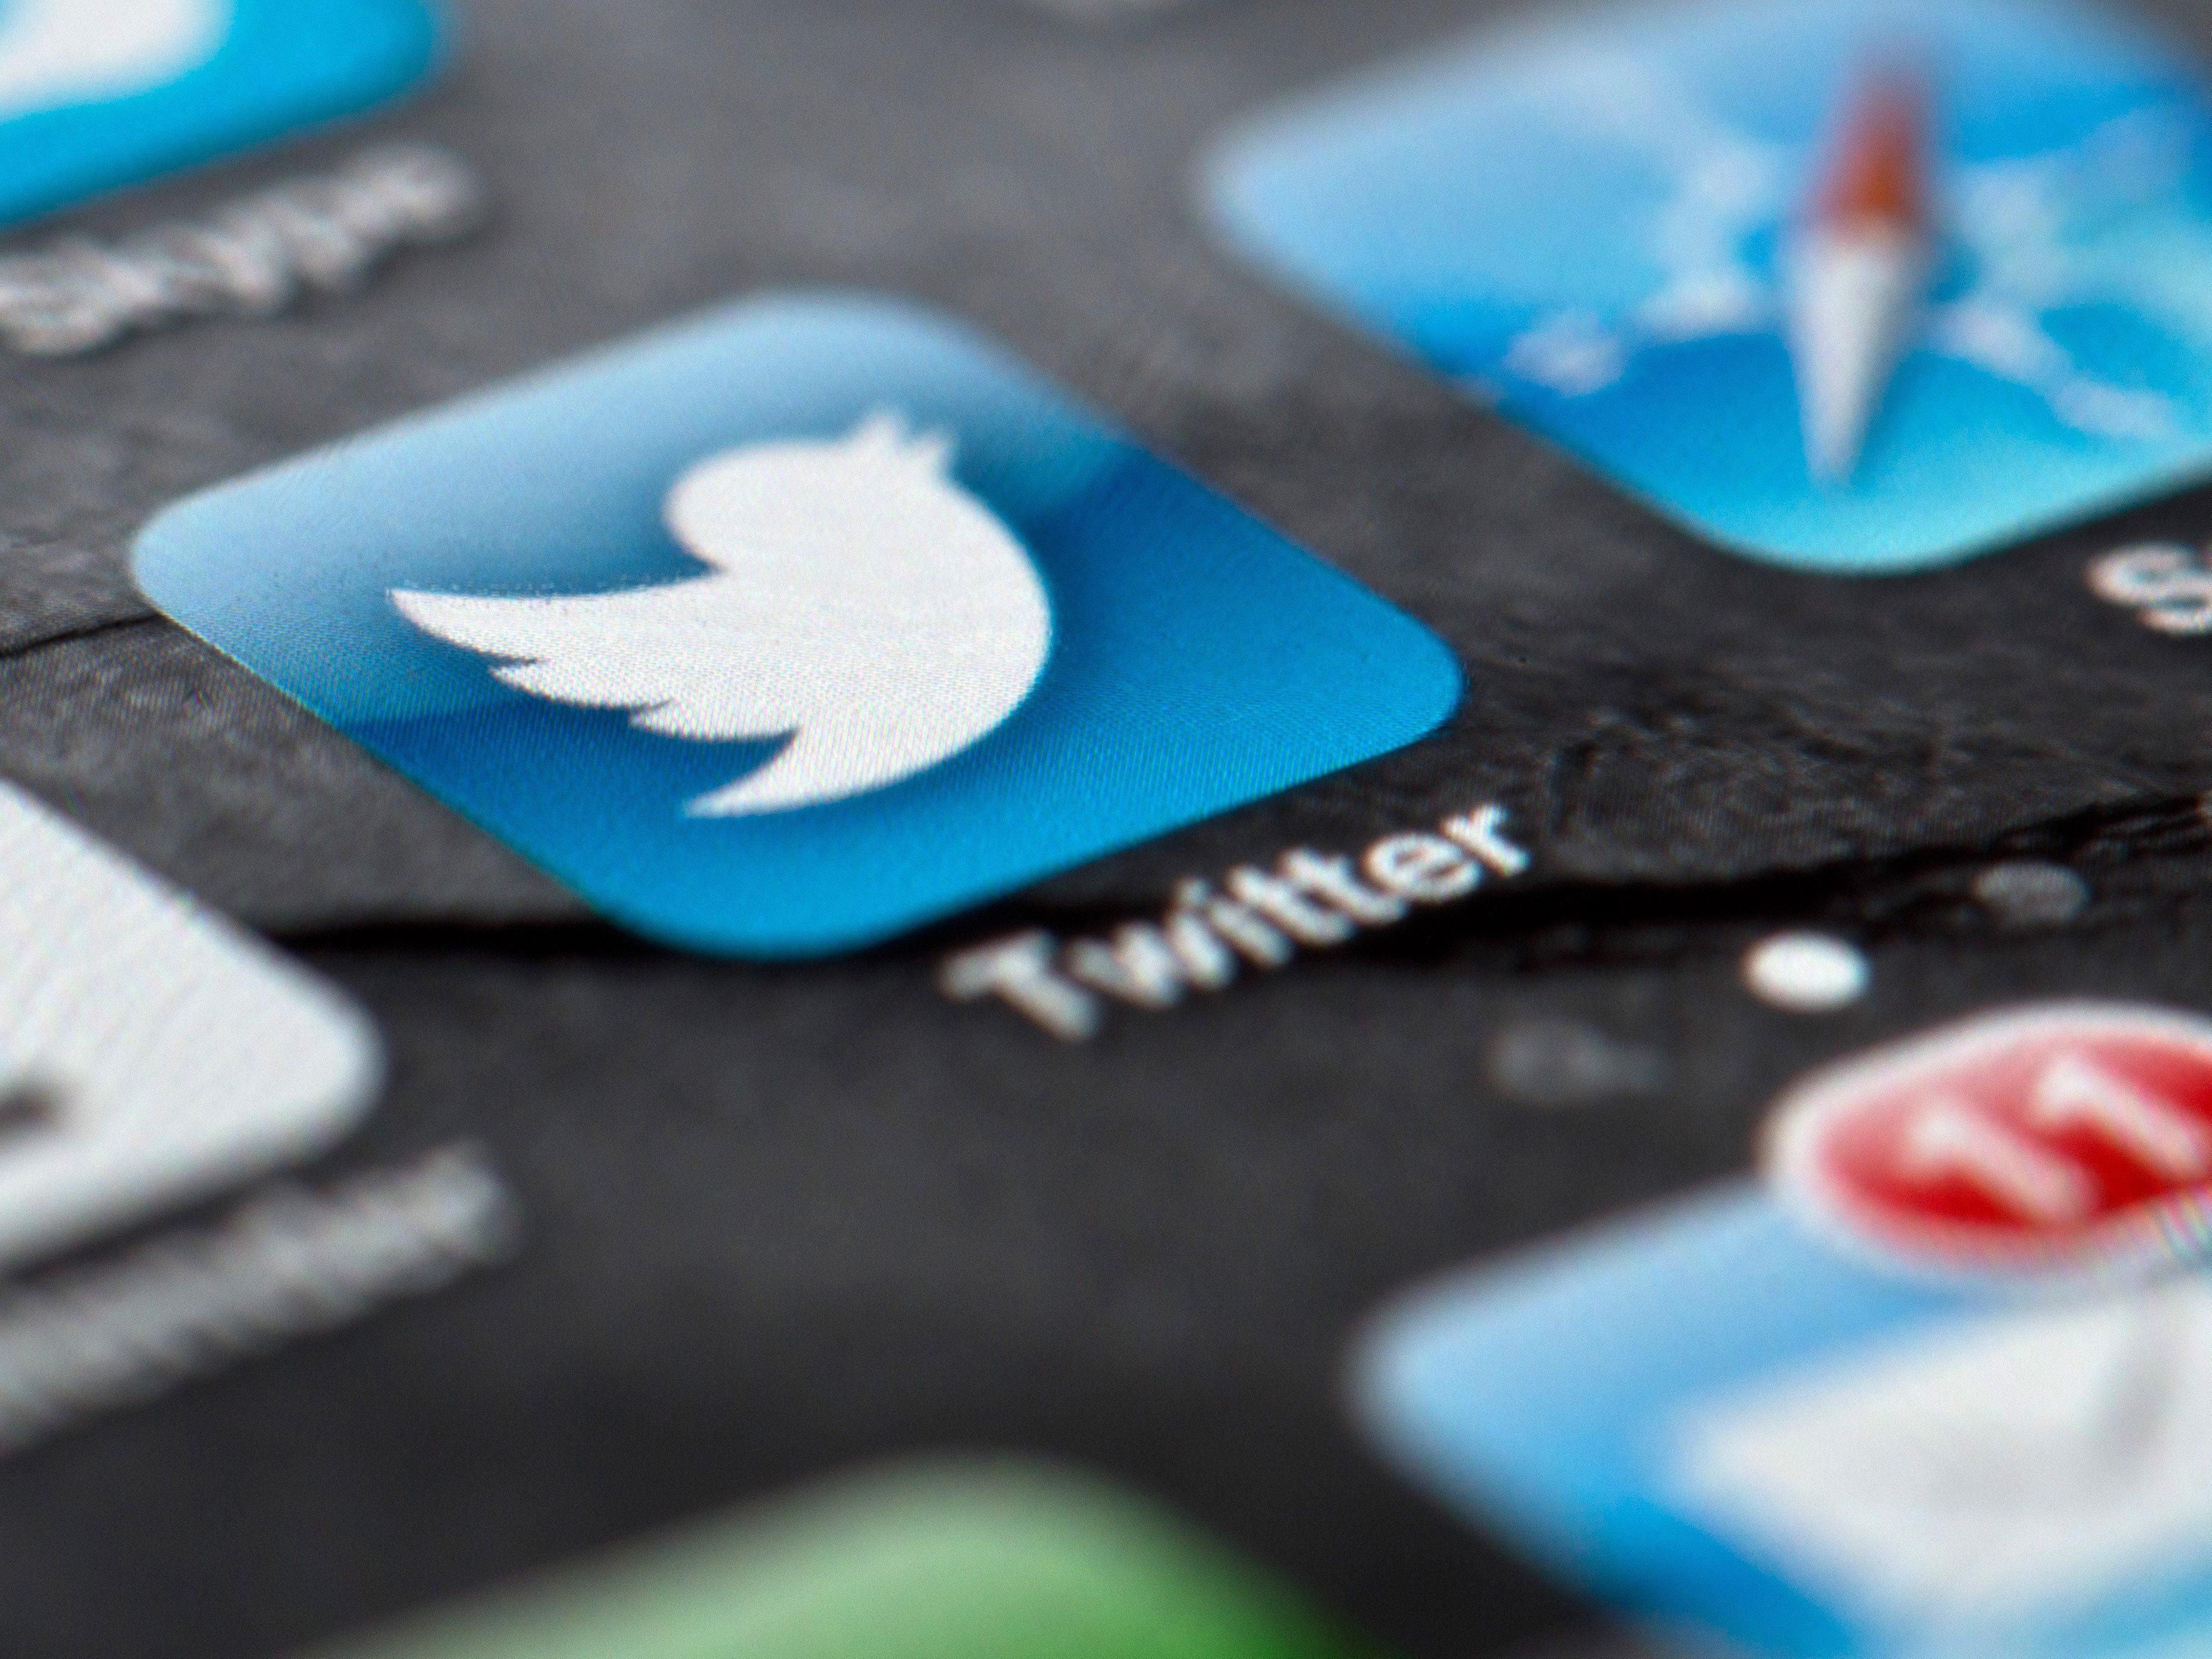 Das Familienleben ist nicht immer einfach - das zeigen auch diverse Twittereinträge.